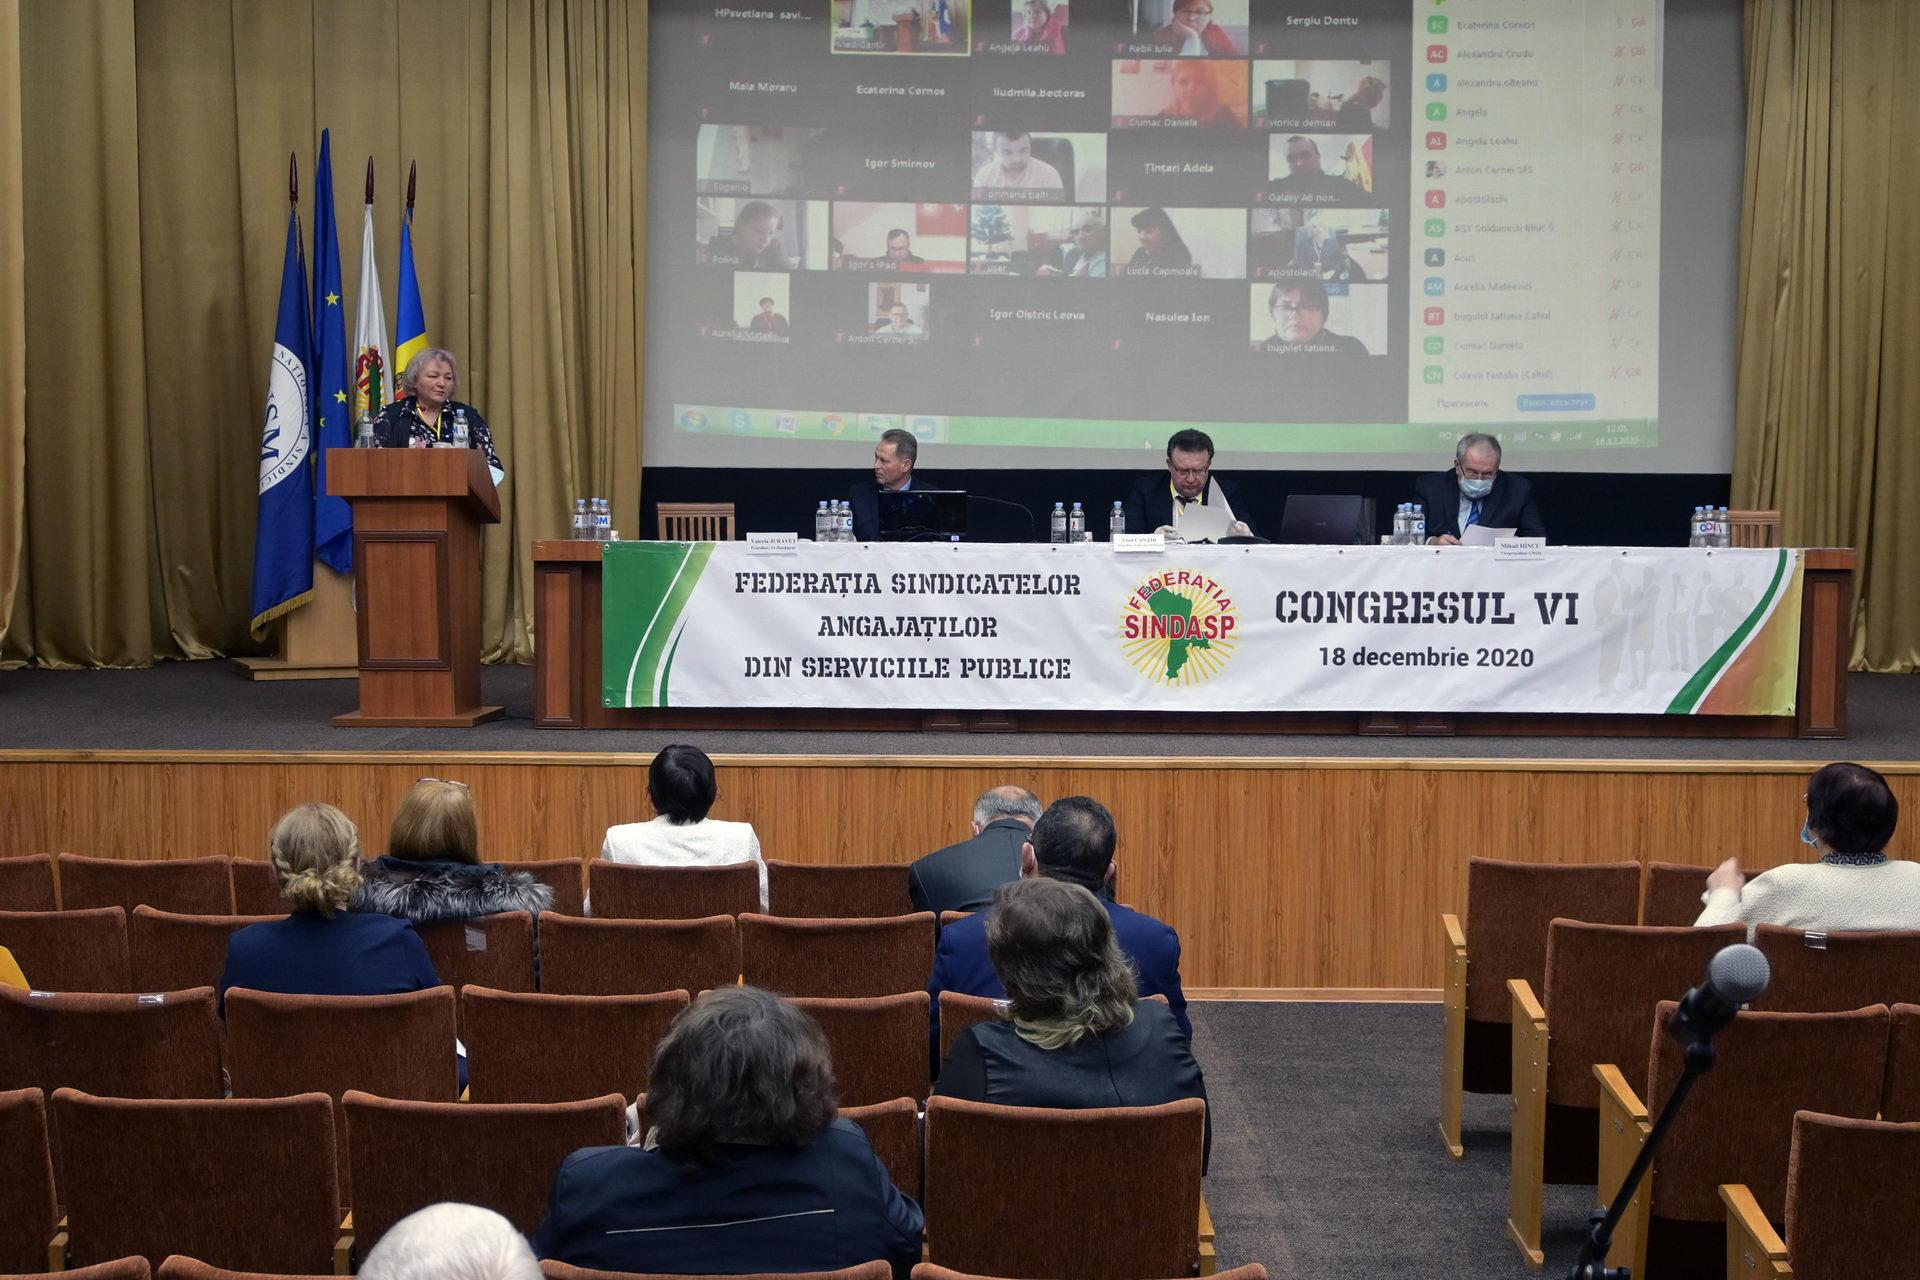 Congresul VI al Federației Sindicatelor Angajaților din Serviciile Publice (SINDASP)